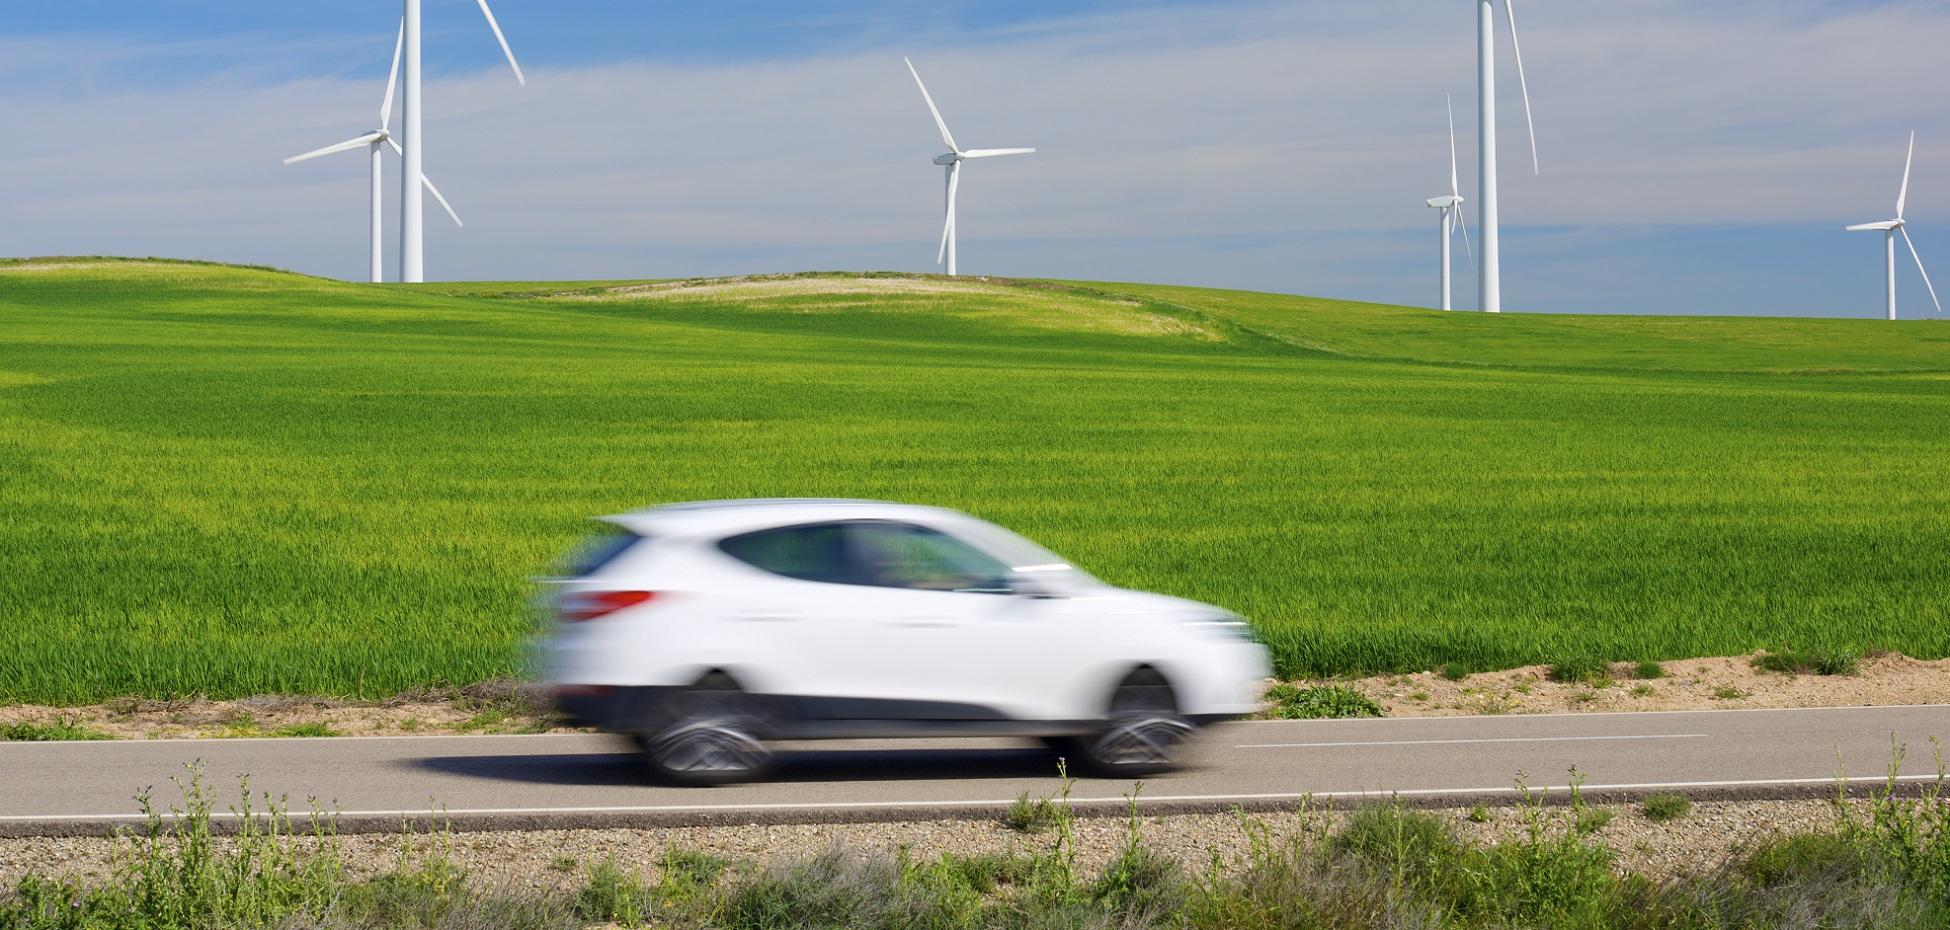 Reino Unido probará carreteras de carga eléctrica inalámbrica